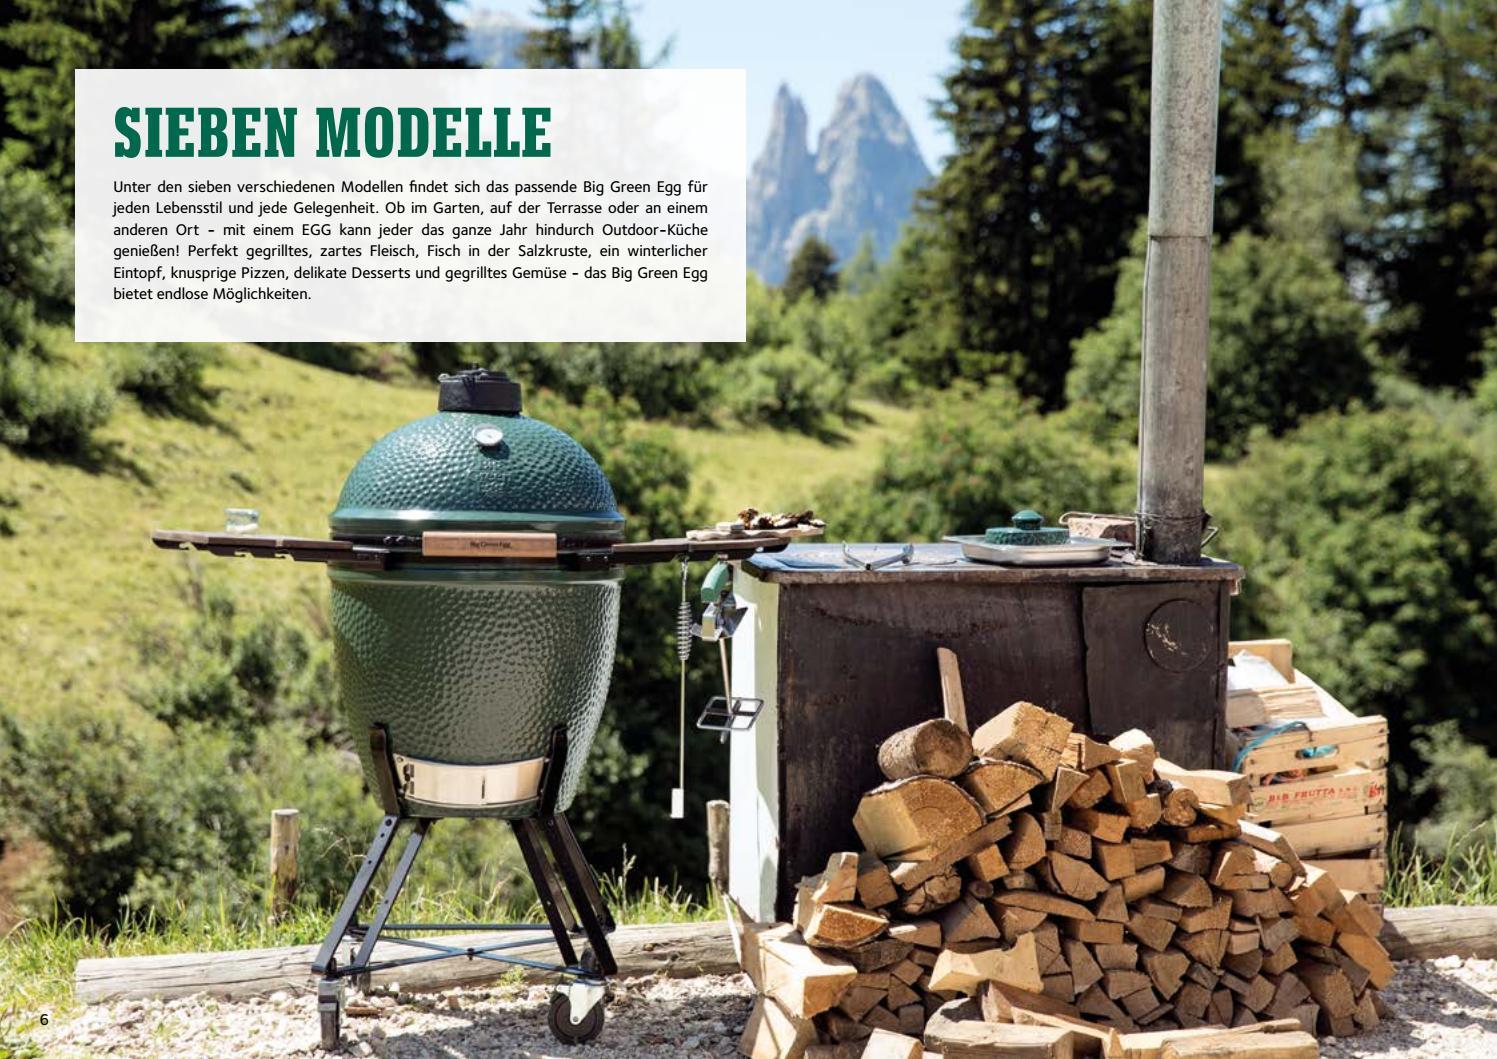 Outdoorküche Garten Xl : Ganzjährig nutzbare outdoorküche als cabrio veranda im raum